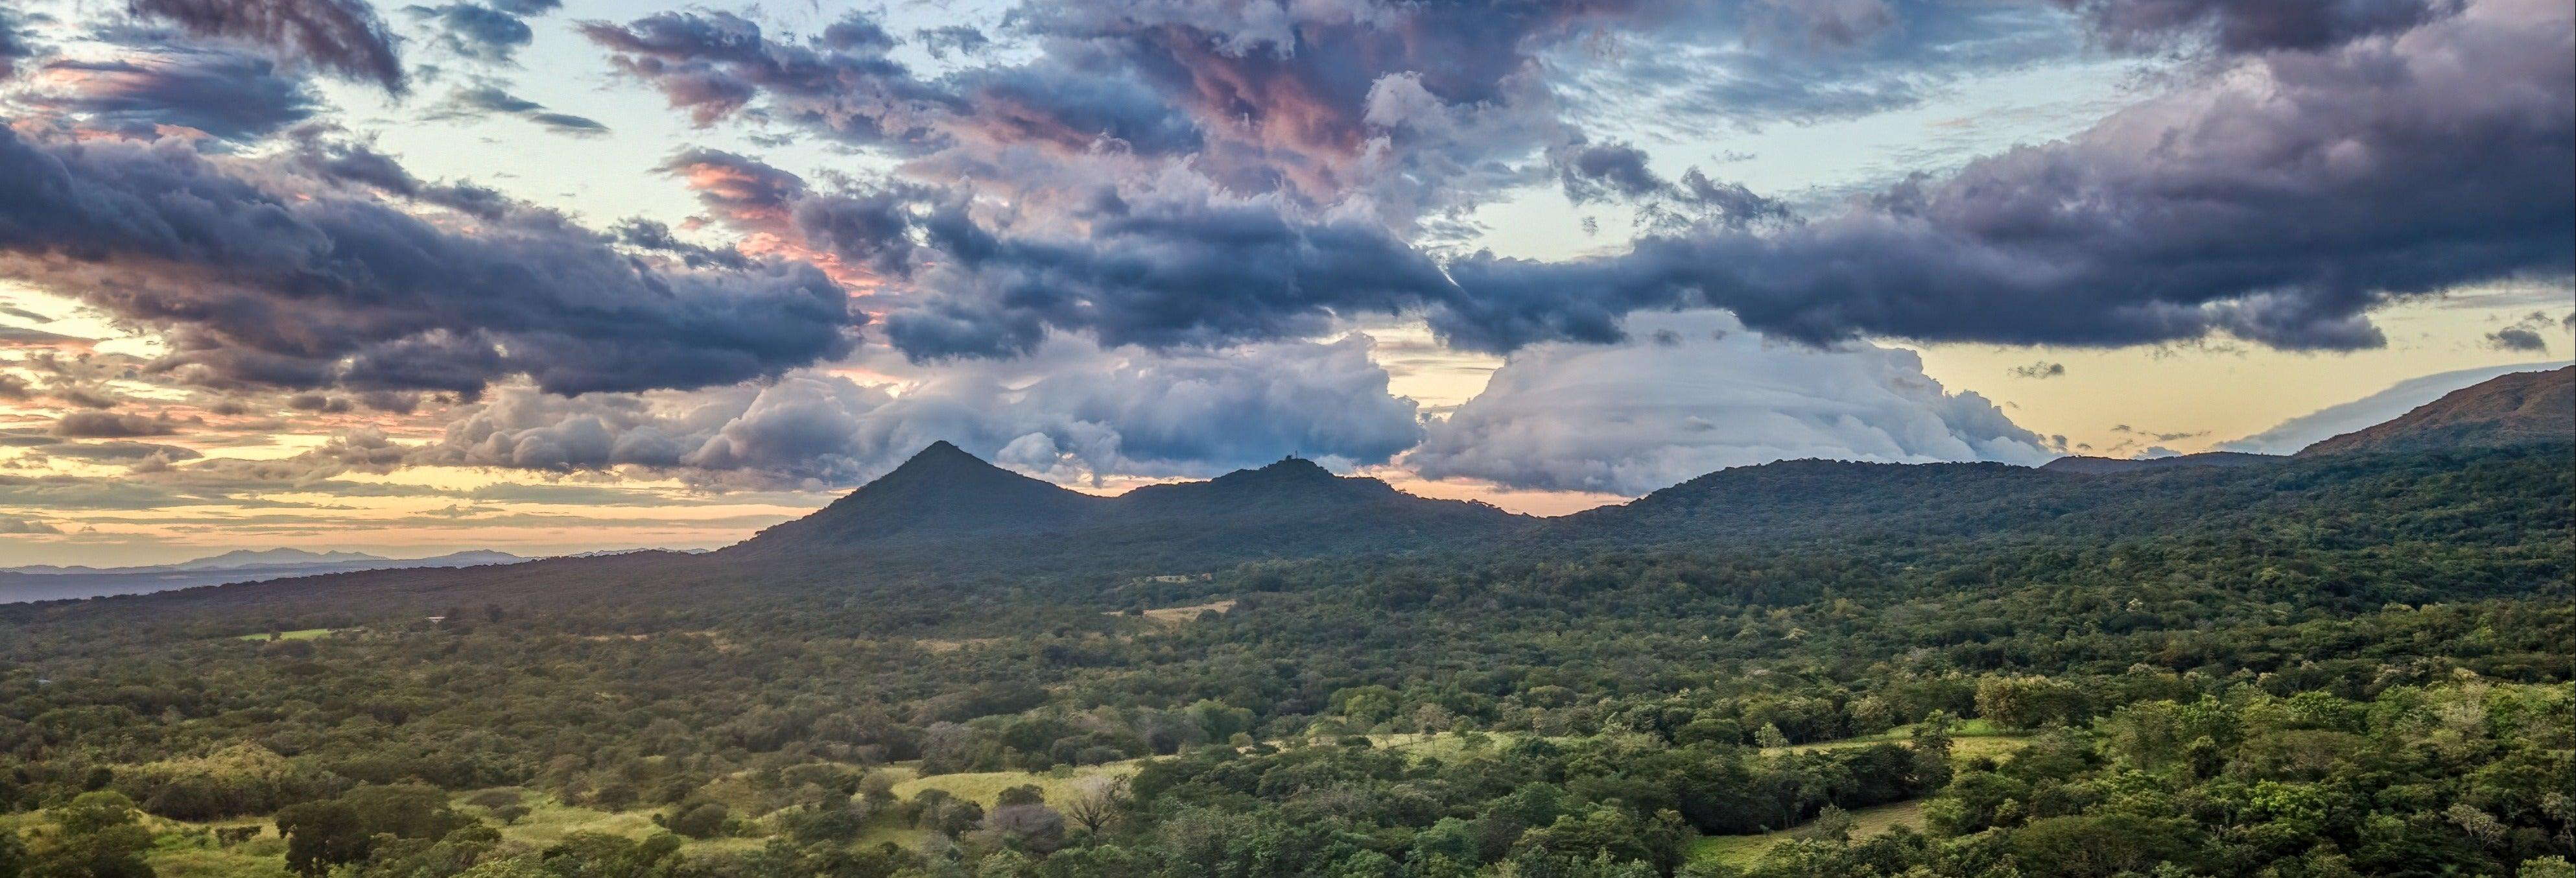 Trilha pelo Parque Nacional Rincón de la Vieja